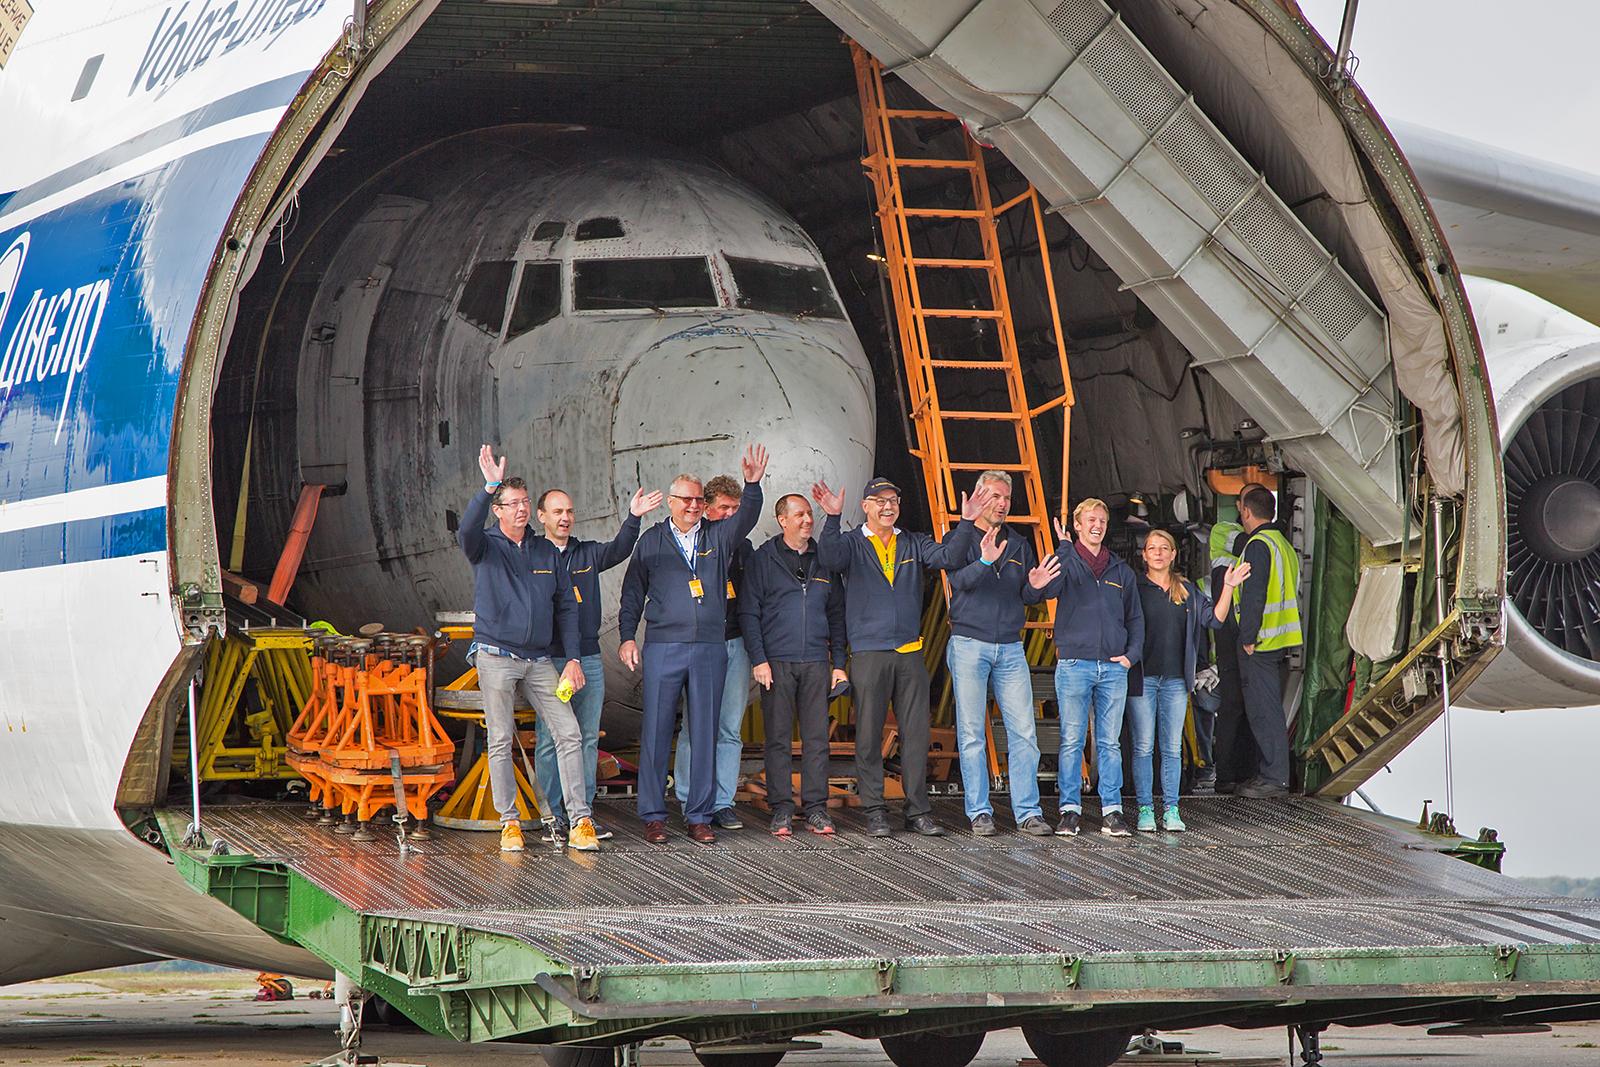 Ein Teil der Crew von LH-Technik mit der Maschine.